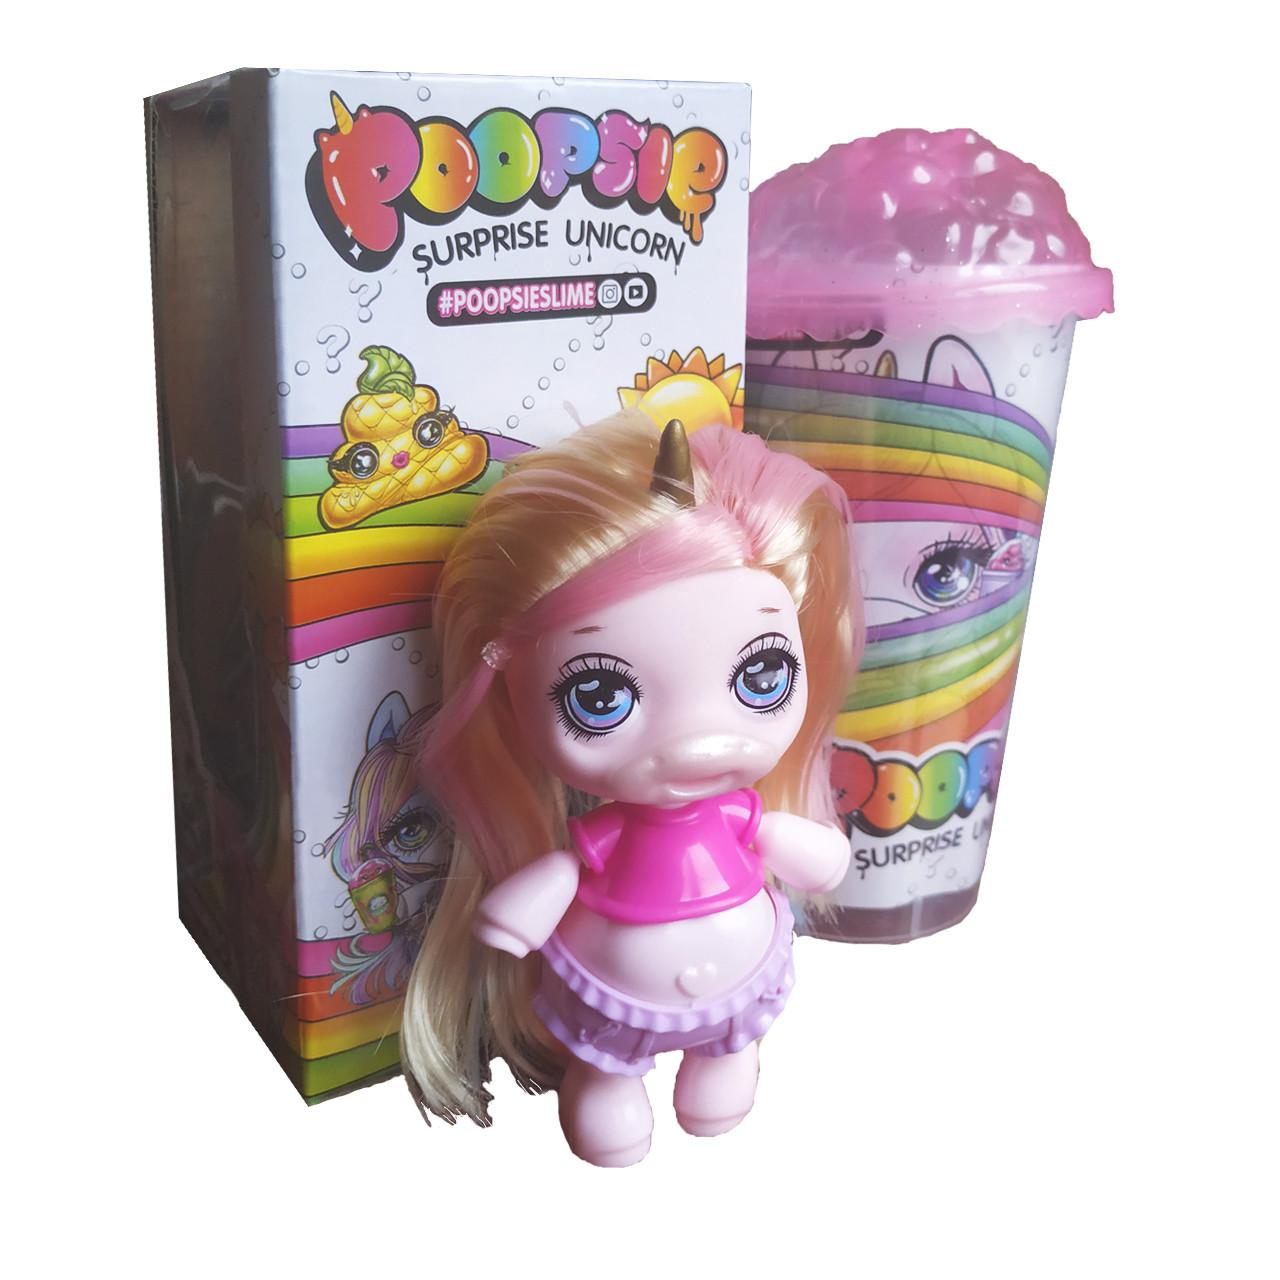 """Пупси Единорог / Poopsie Unicorn """"Мороженное""""(единорожка, аксессуары, слайм, наклейки) sct"""